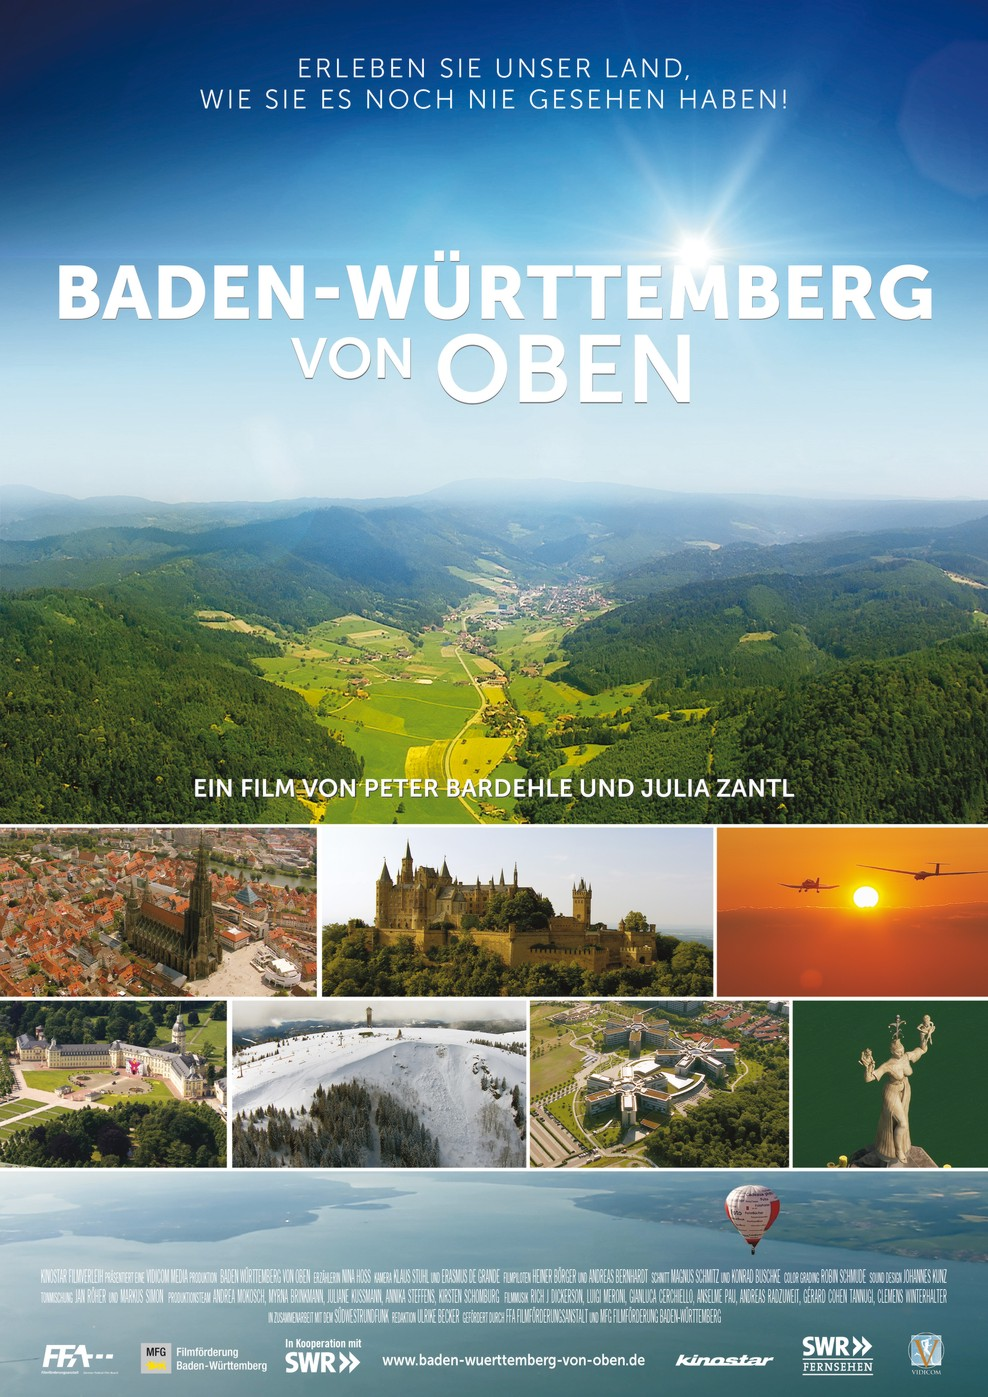 Baden-Württemberg von oben (Poster)